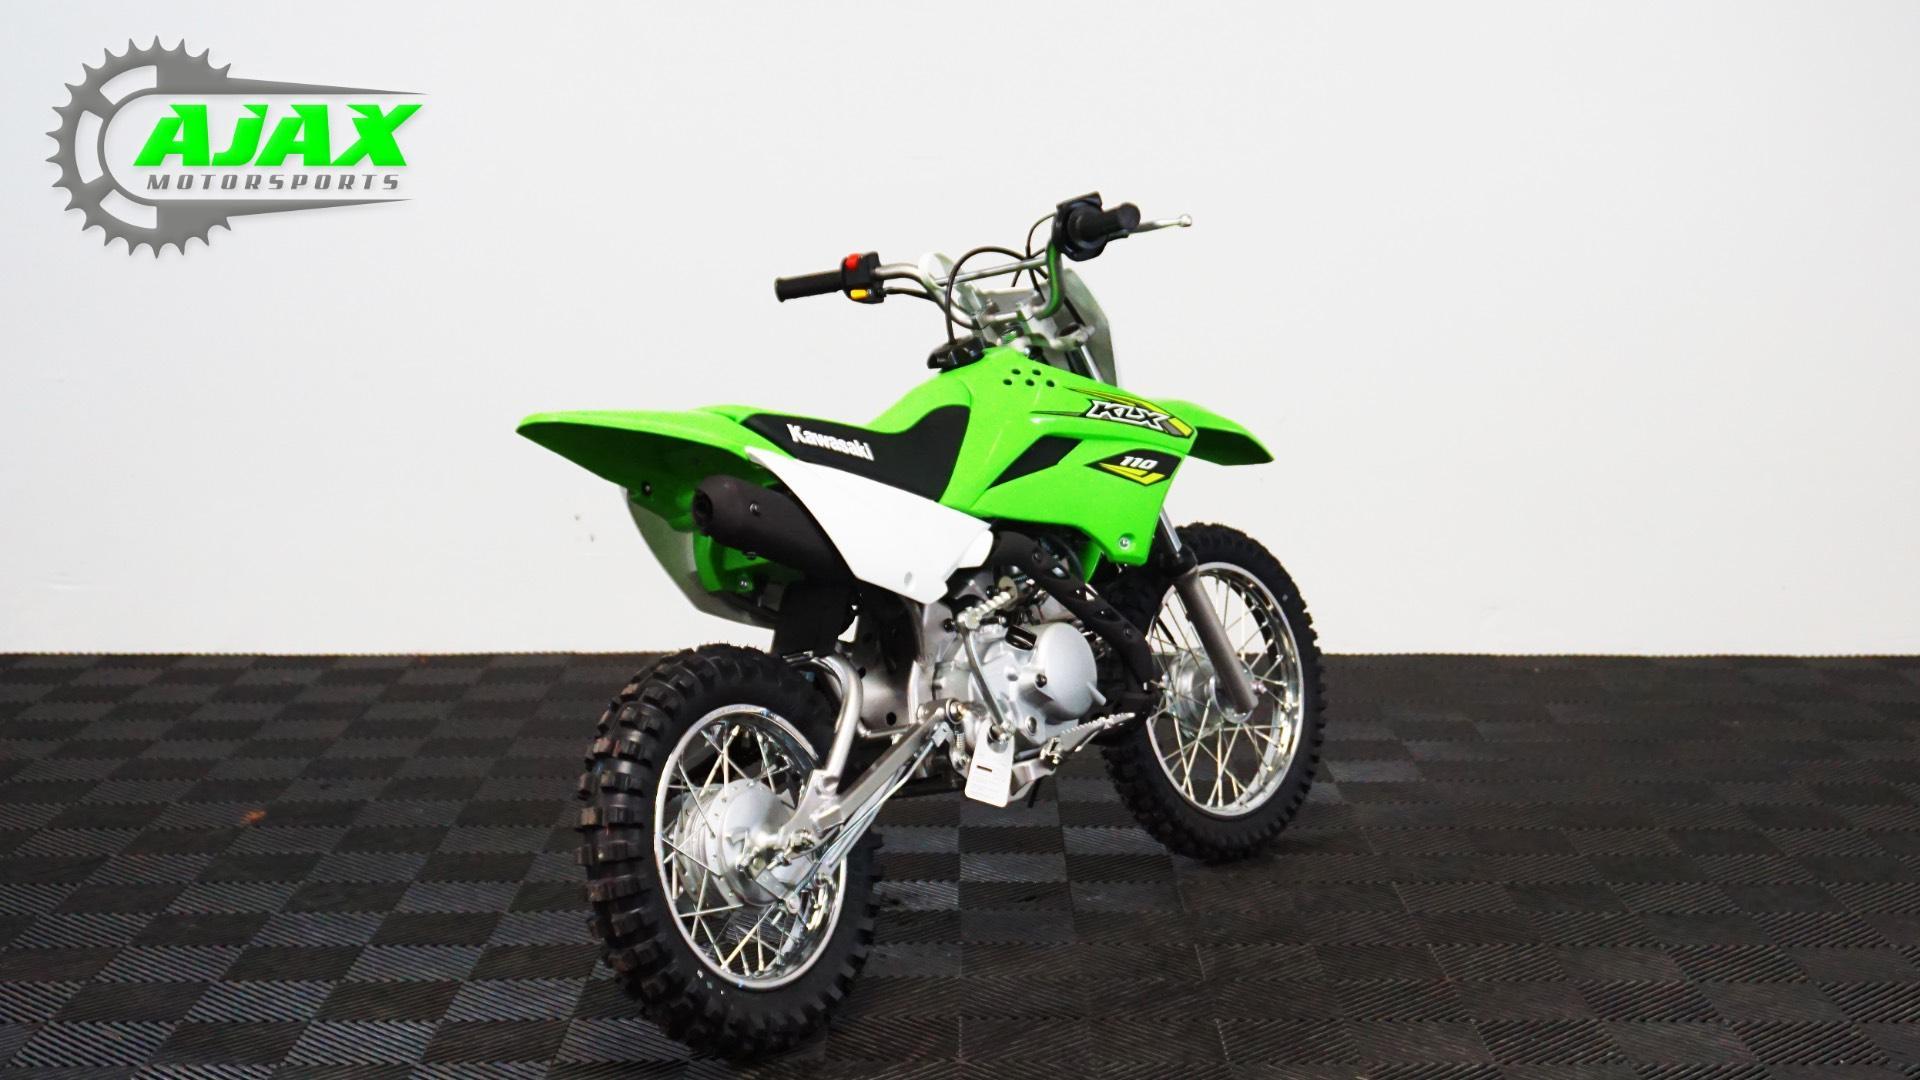 2018 Kawasaki KLX 110 4